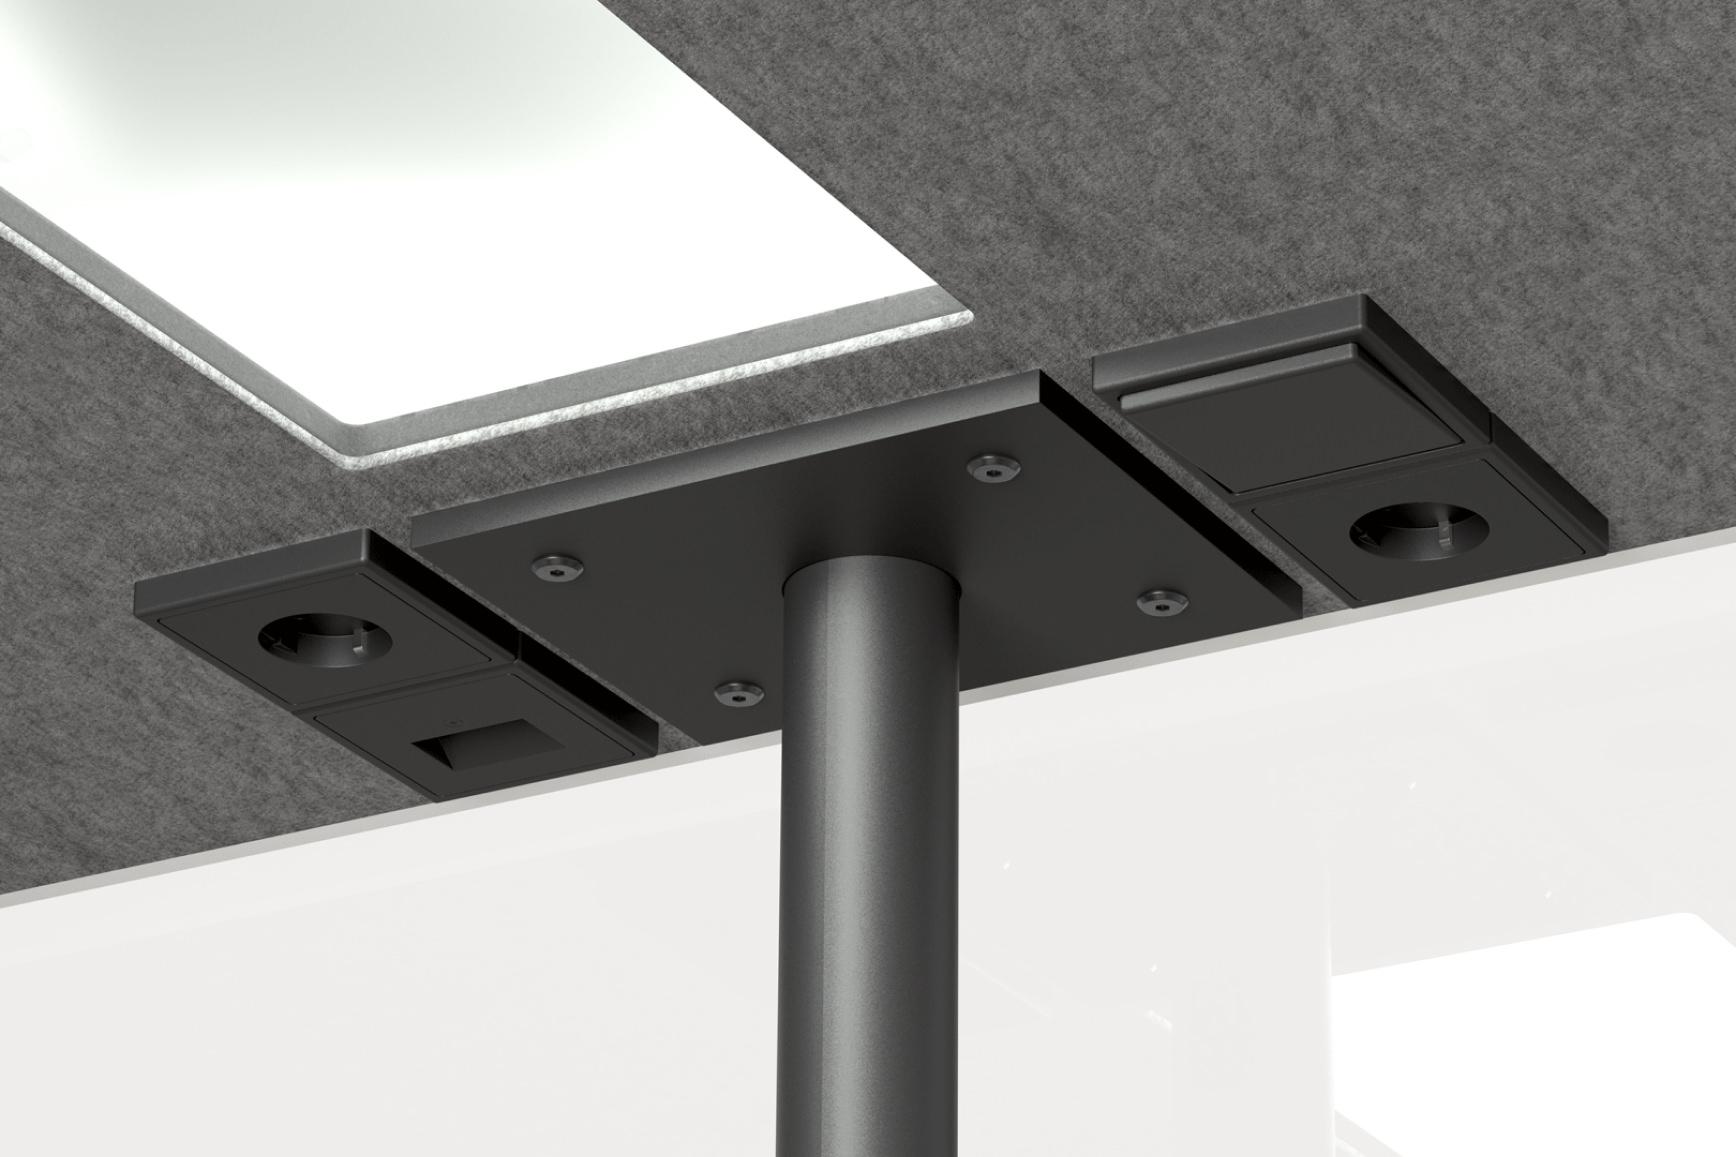 Das Innere, der in grau beschichteten Akustikfilzdecke einer Meetingbox für Büros, mit Steckdose und LED-Beleuchtung.